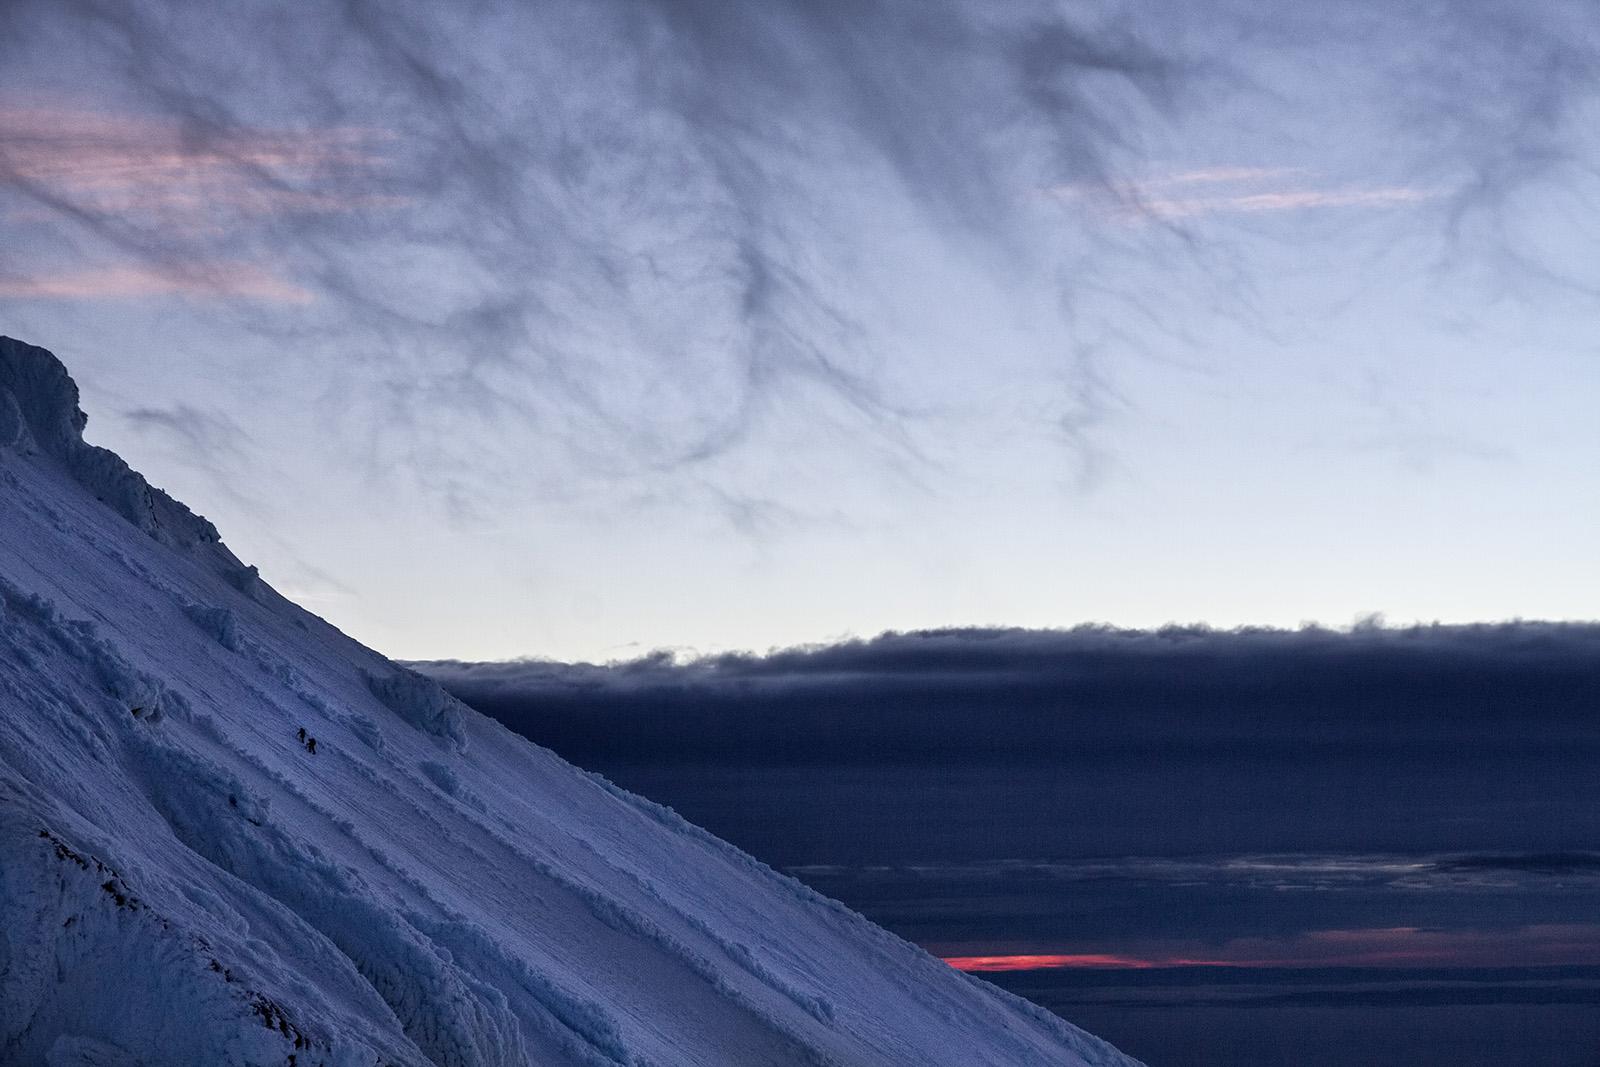 Hood Steel Cliffs Climbers.jpg